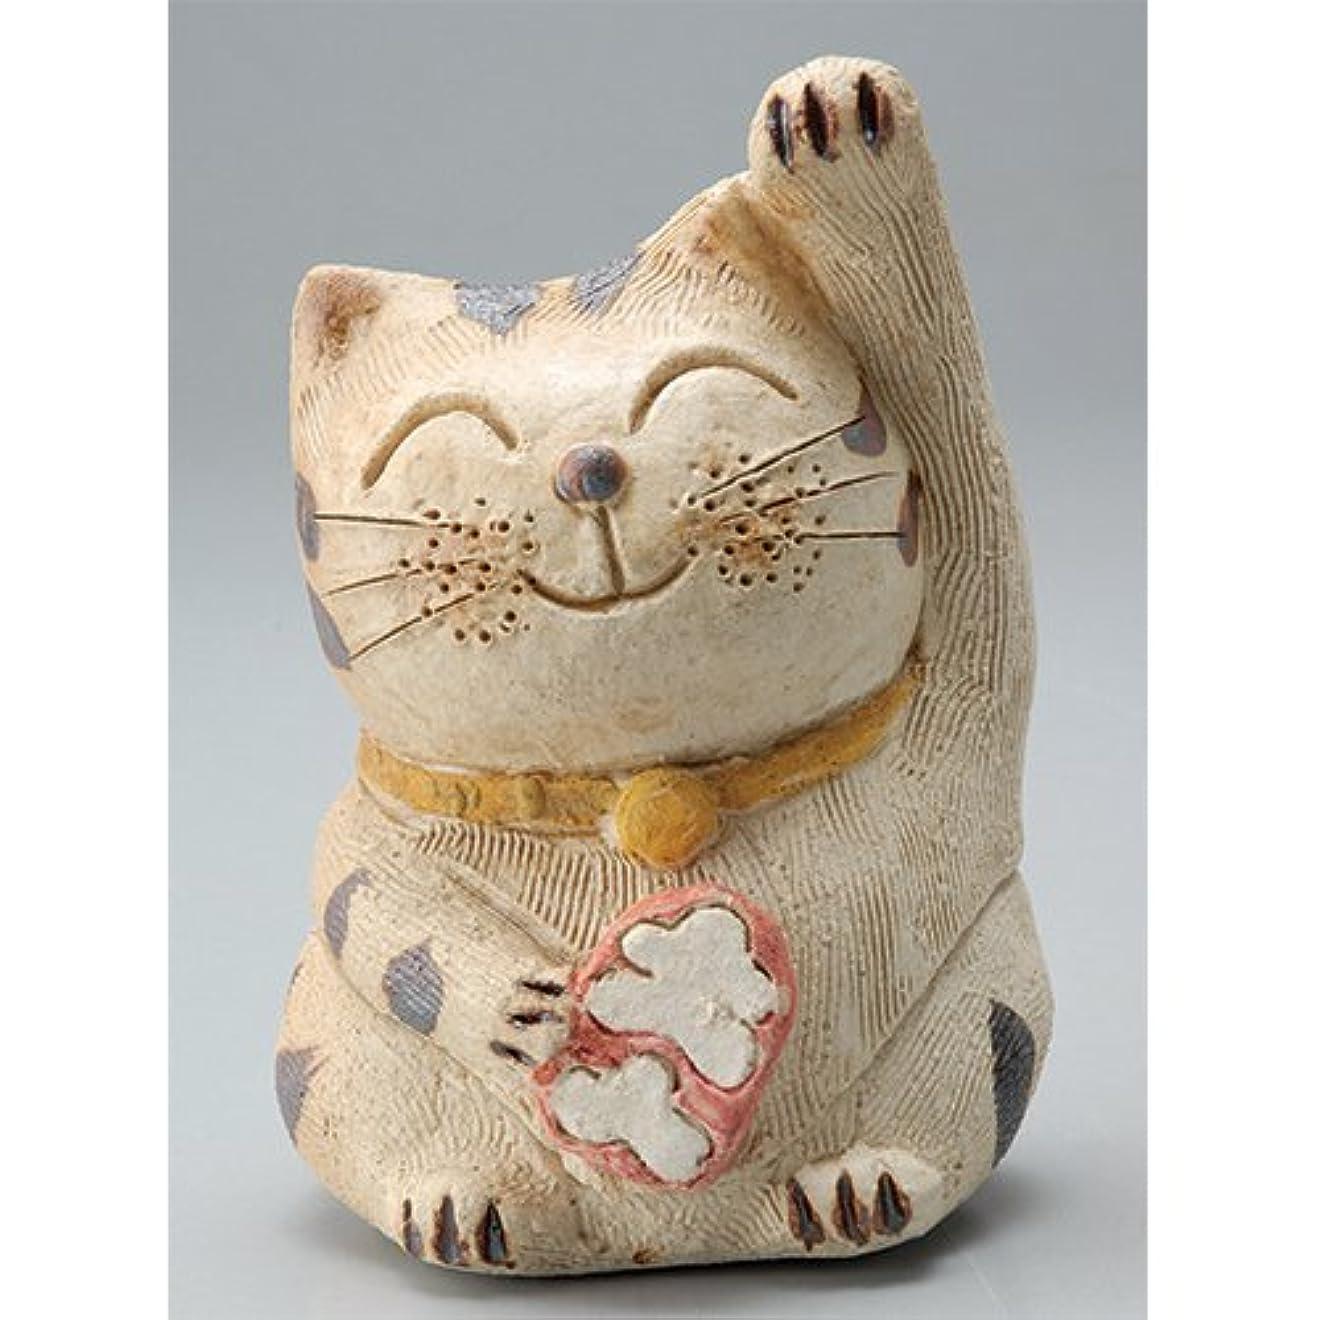 相対サイズ洪水スクワイア香炉 微笑み招き猫(人招き)香炉(中) [H14cm] HANDMADE プレゼント ギフト 和食器 かわいい インテリア